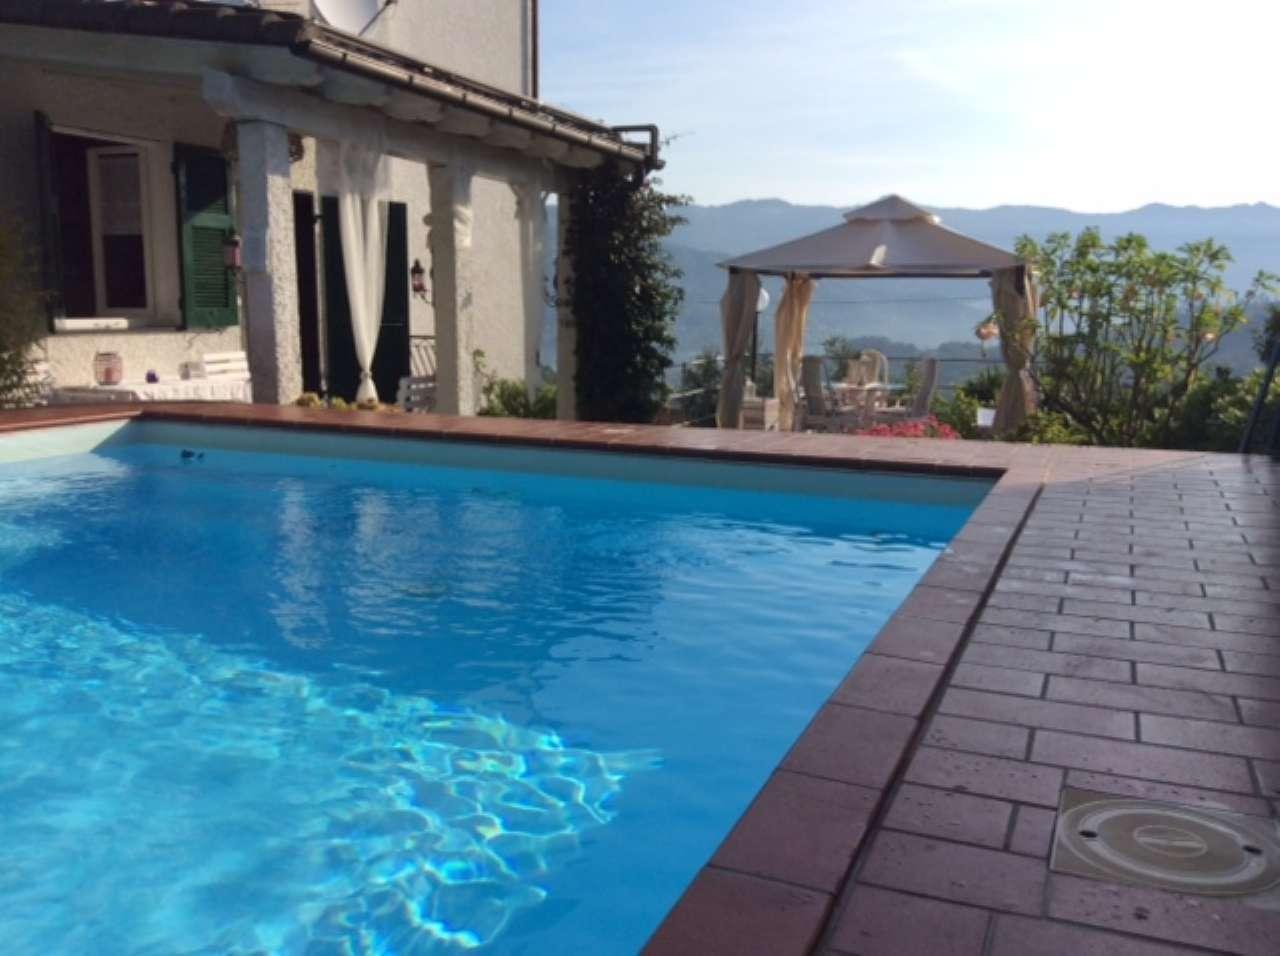 Villa in vendita a Rapallo, 8 locali, prezzo € 750.000 | CambioCasa.it